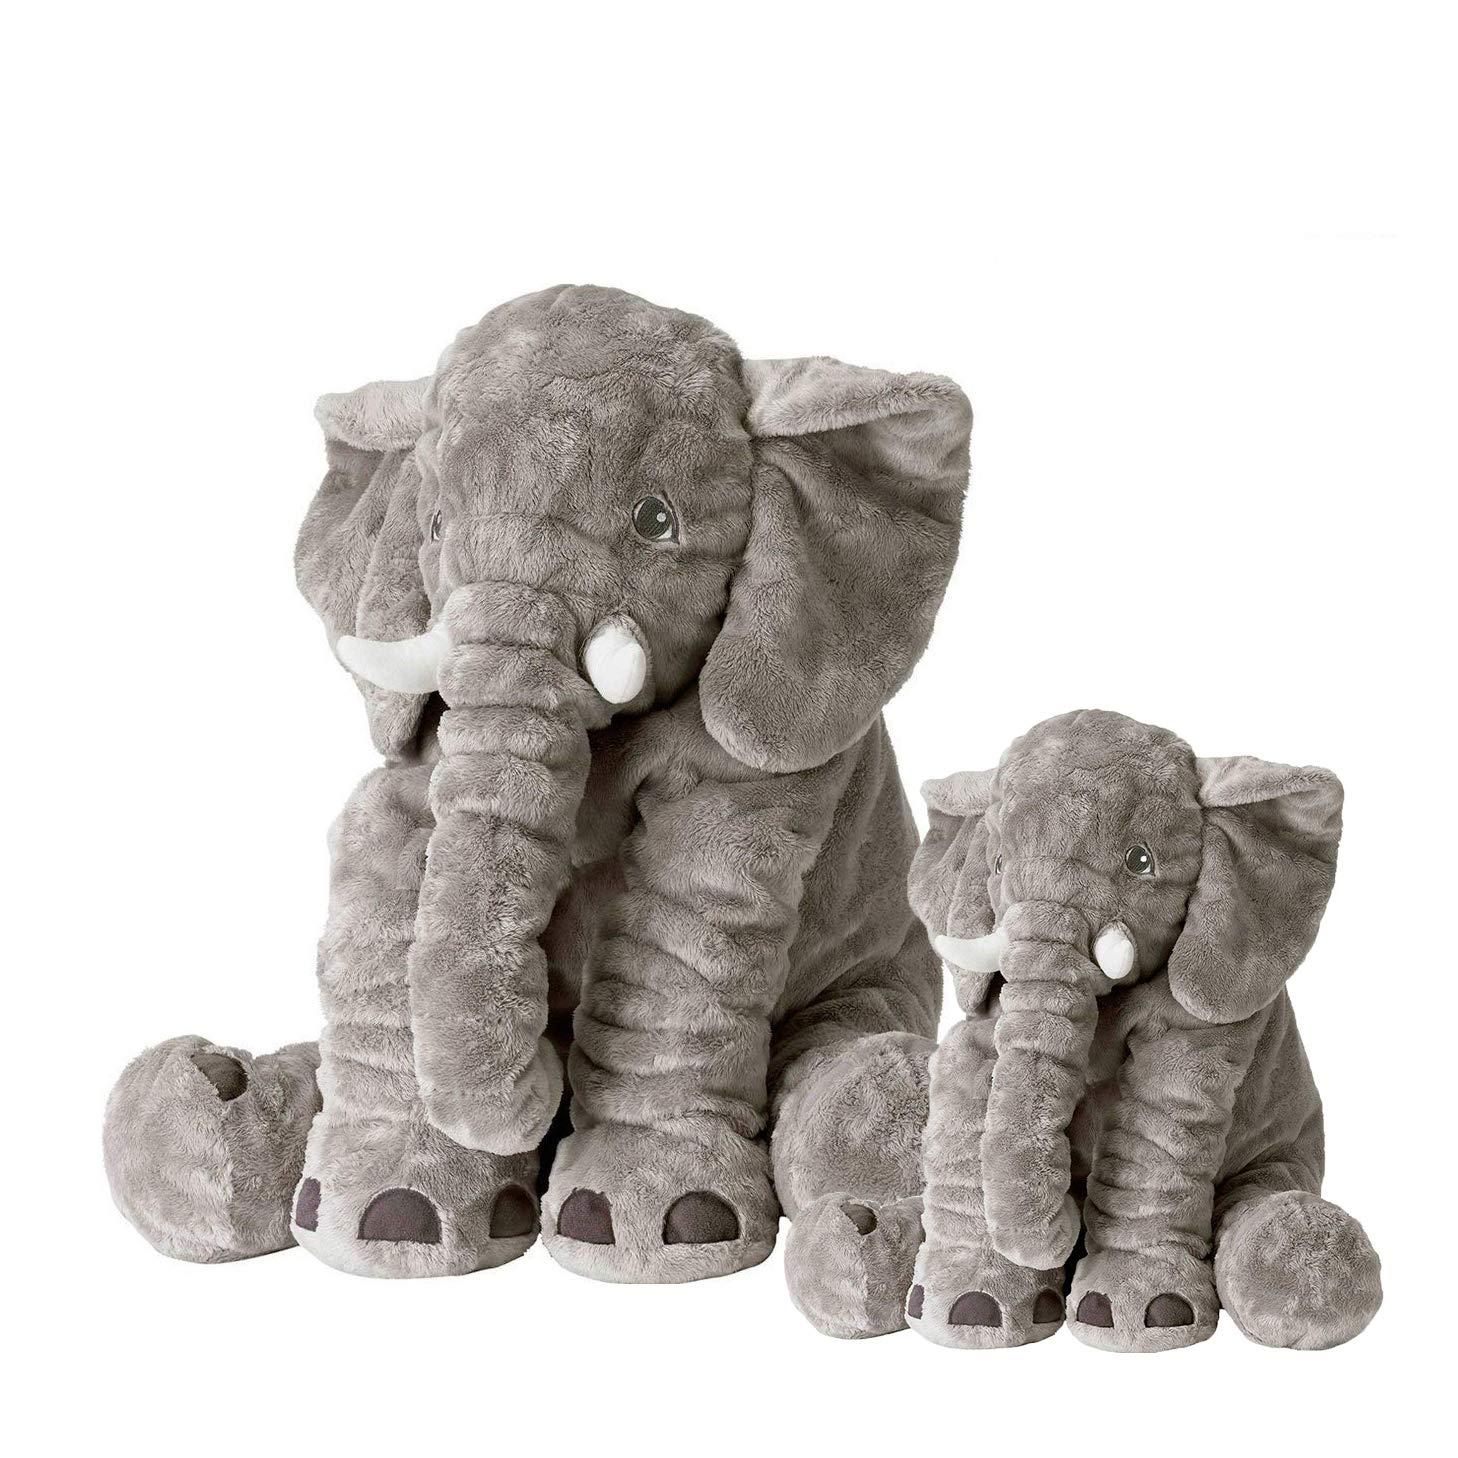 Amazon Com Soft Elephant Plush Toys Set Of 2 Toys Large 24 Small